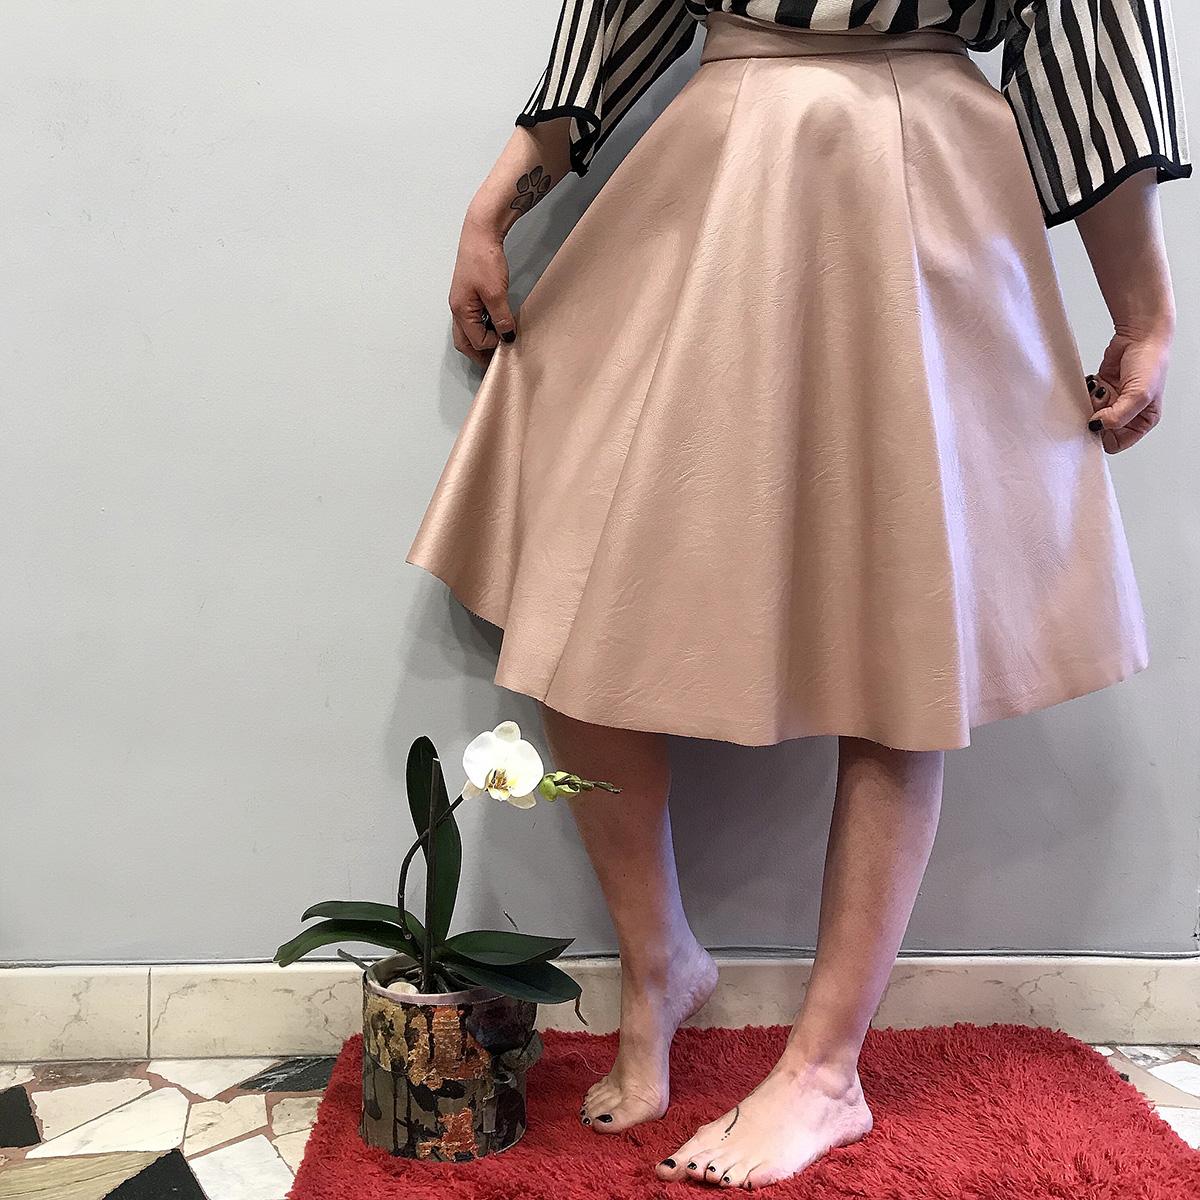 gonna-rabat-pepe-rosa-collezione-SS19-abbigliamento-donna-Crazy-Art-Torino